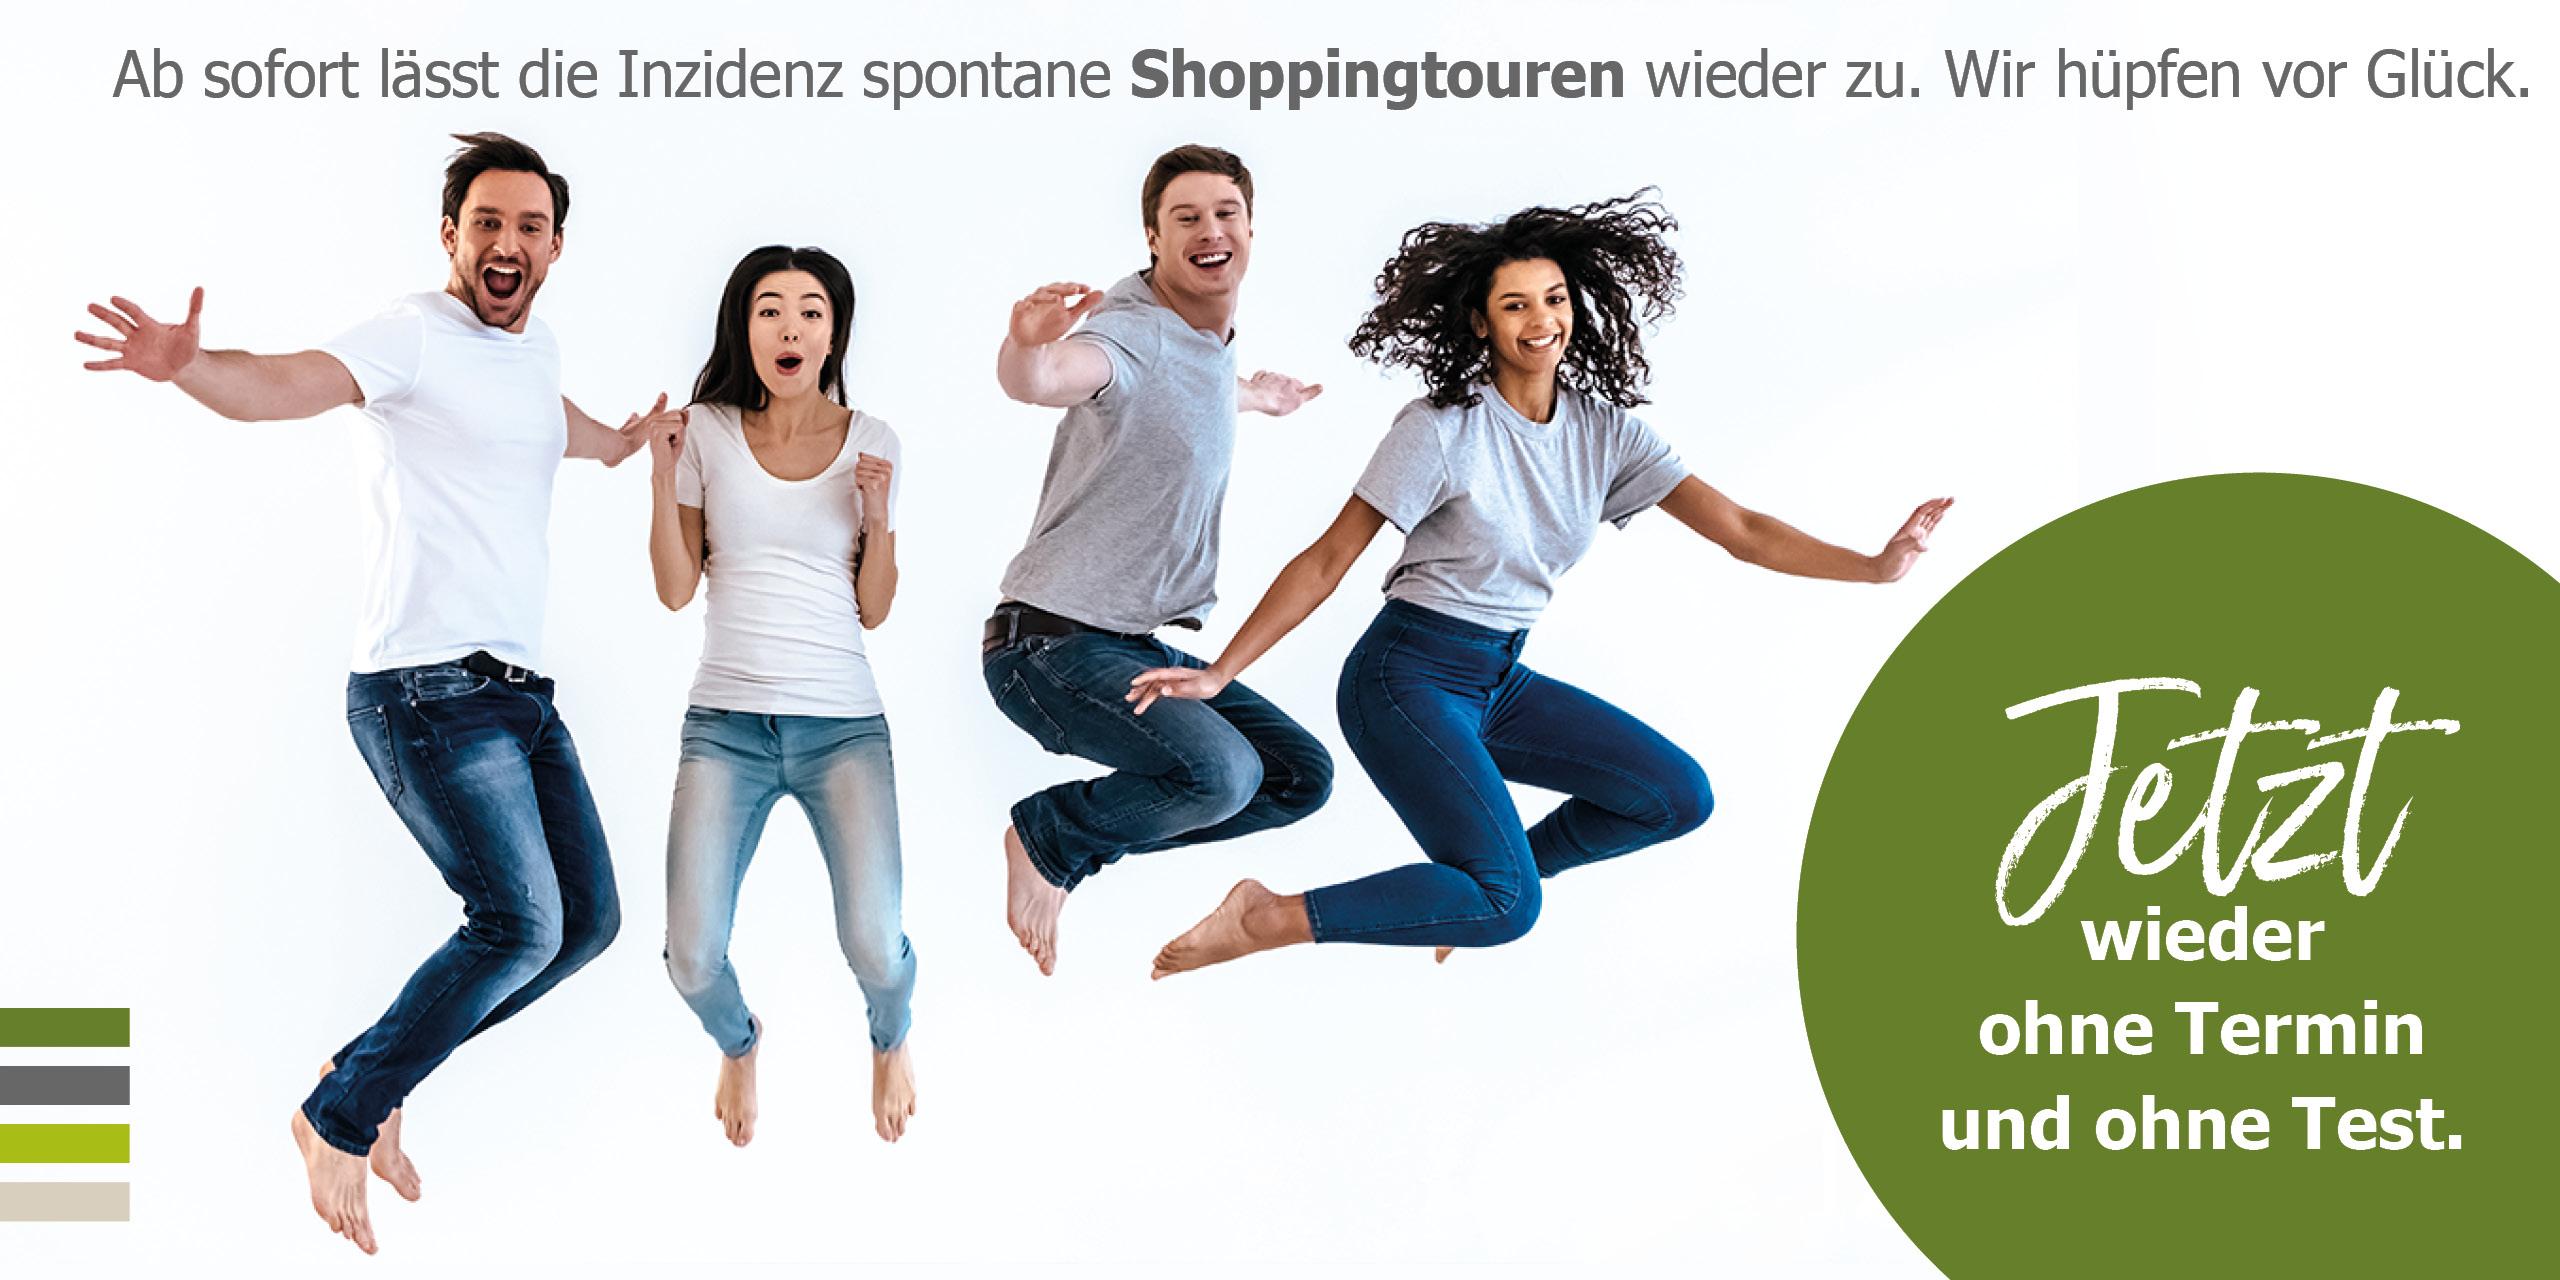 Slider.2021.06.Shoppingtouren.02.Desktop